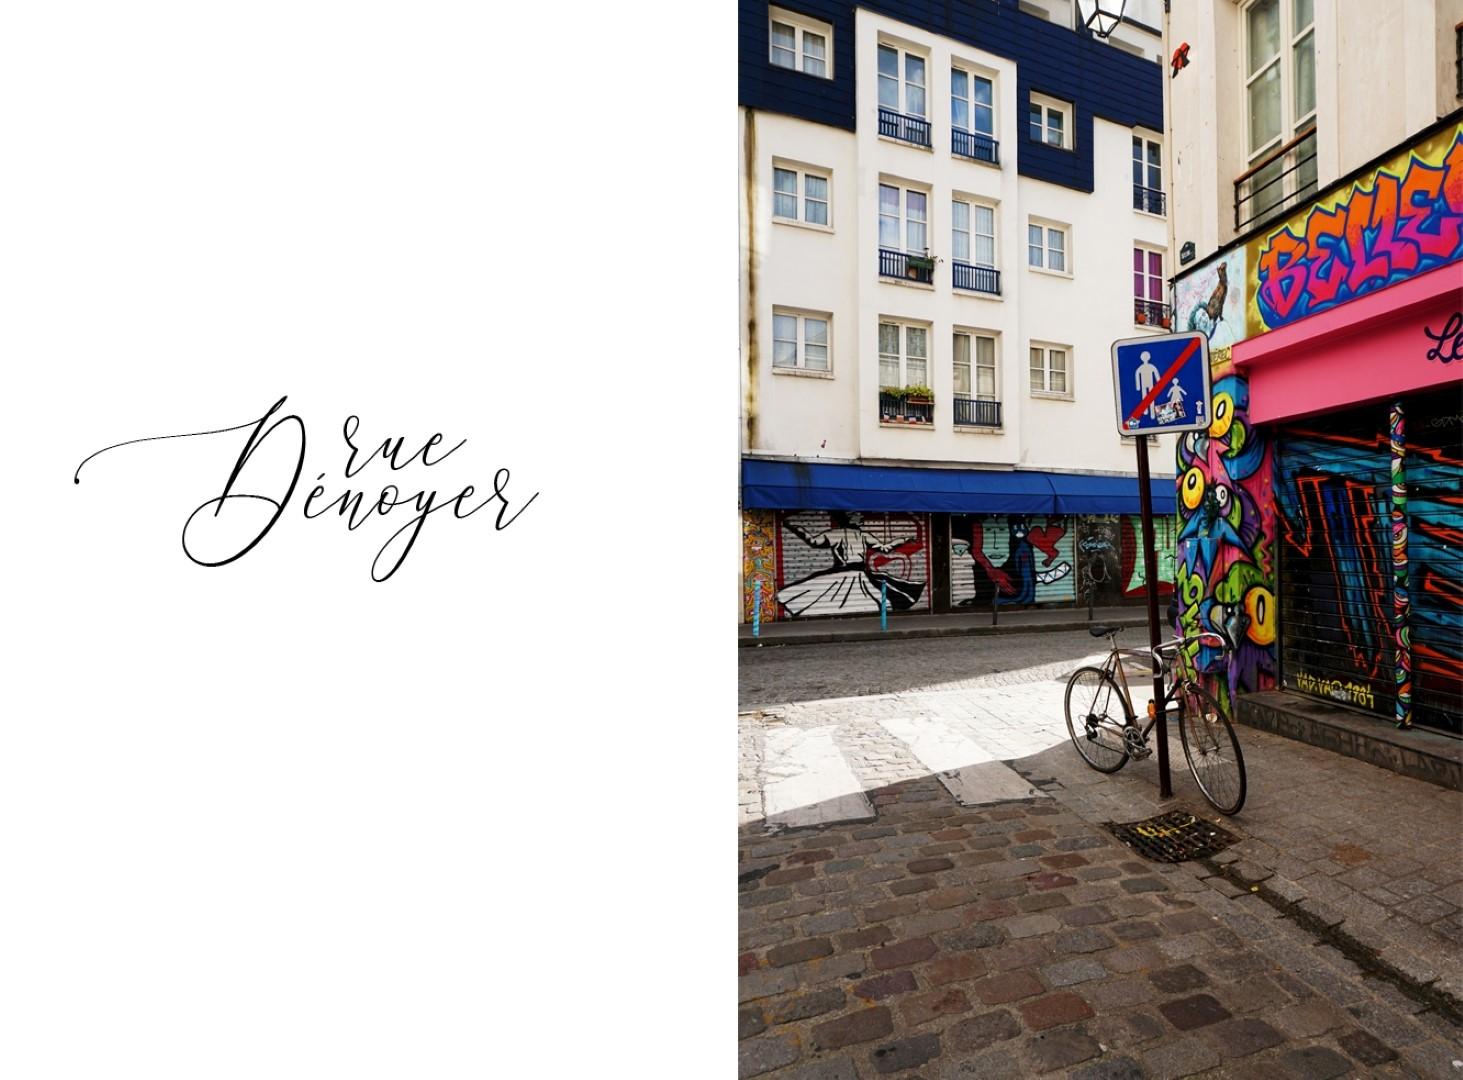 Balade le long de la rue de Belleville - Cours cachées - Rue Dénoyez